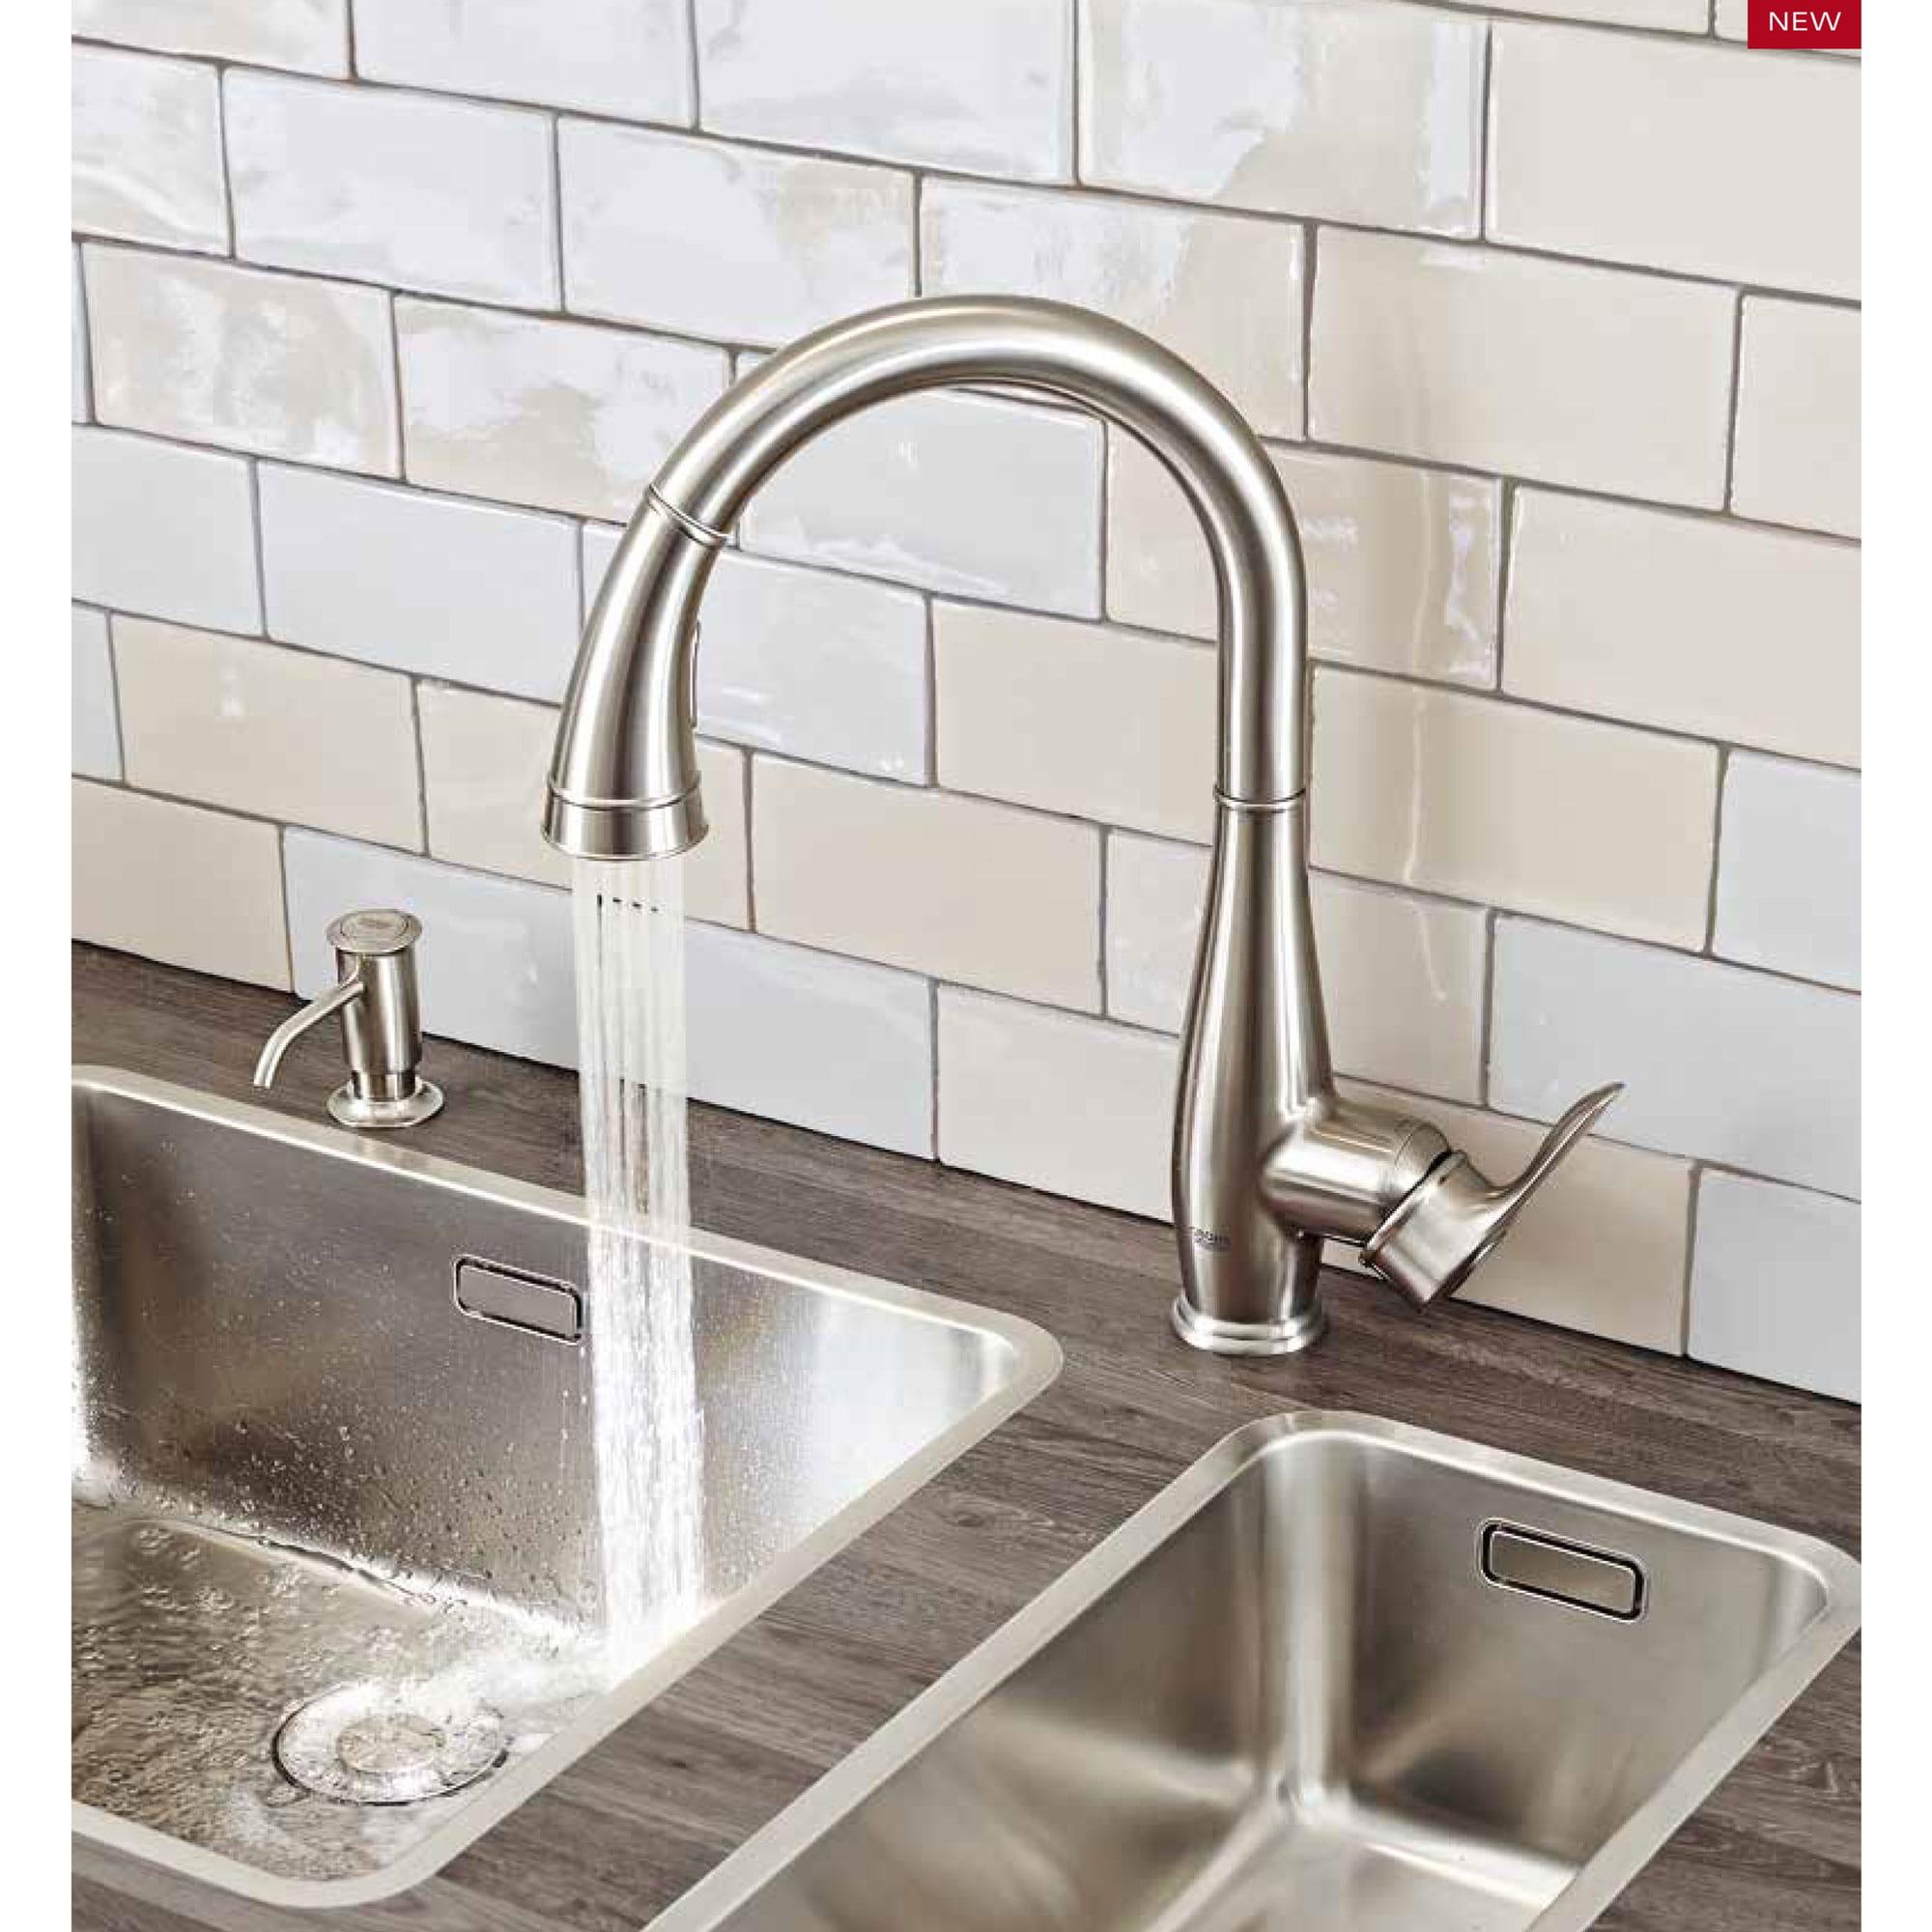 robinet avec l'eau courante et le fond blanc de tuile